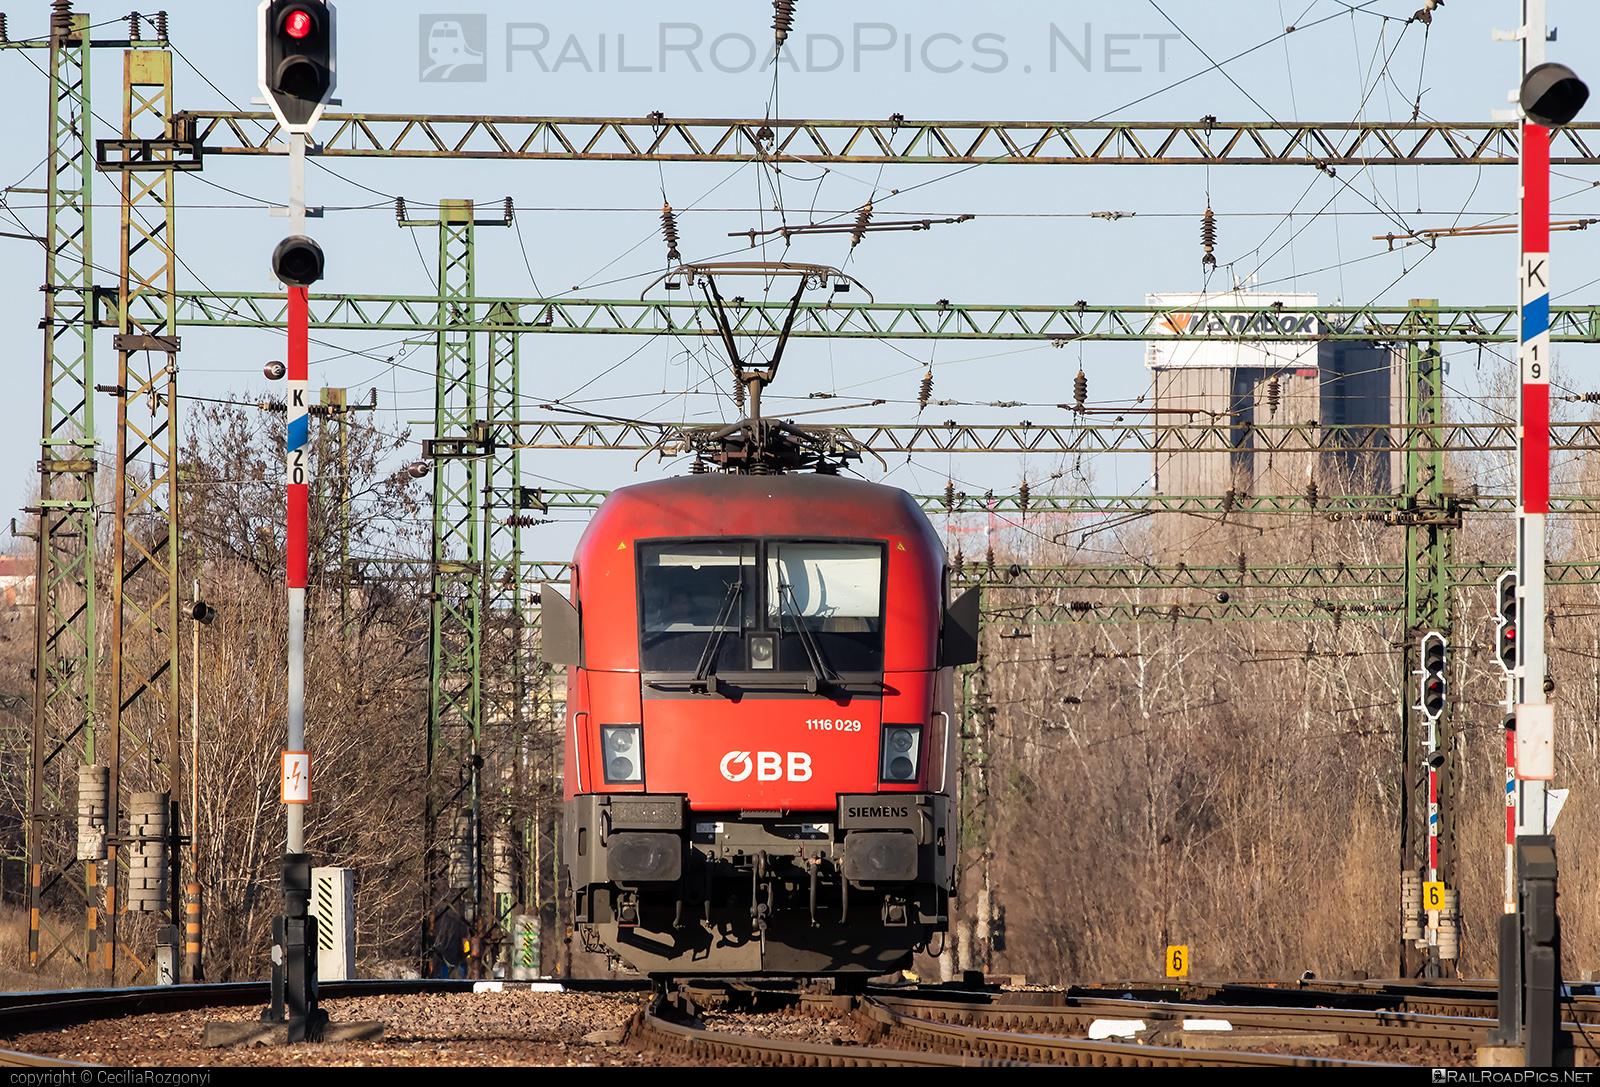 Siemens ES 64 U2 - 1116 029 operated by Rail Cargo Hungaria ZRt. #es64 #es64u #es64u2 #eurosprinter #obb #osterreichischebundesbahnen #rch #siemens #siemenses64 #siemenses64u #siemenses64u2 #siemenstaurus #taurus #tauruslocomotive